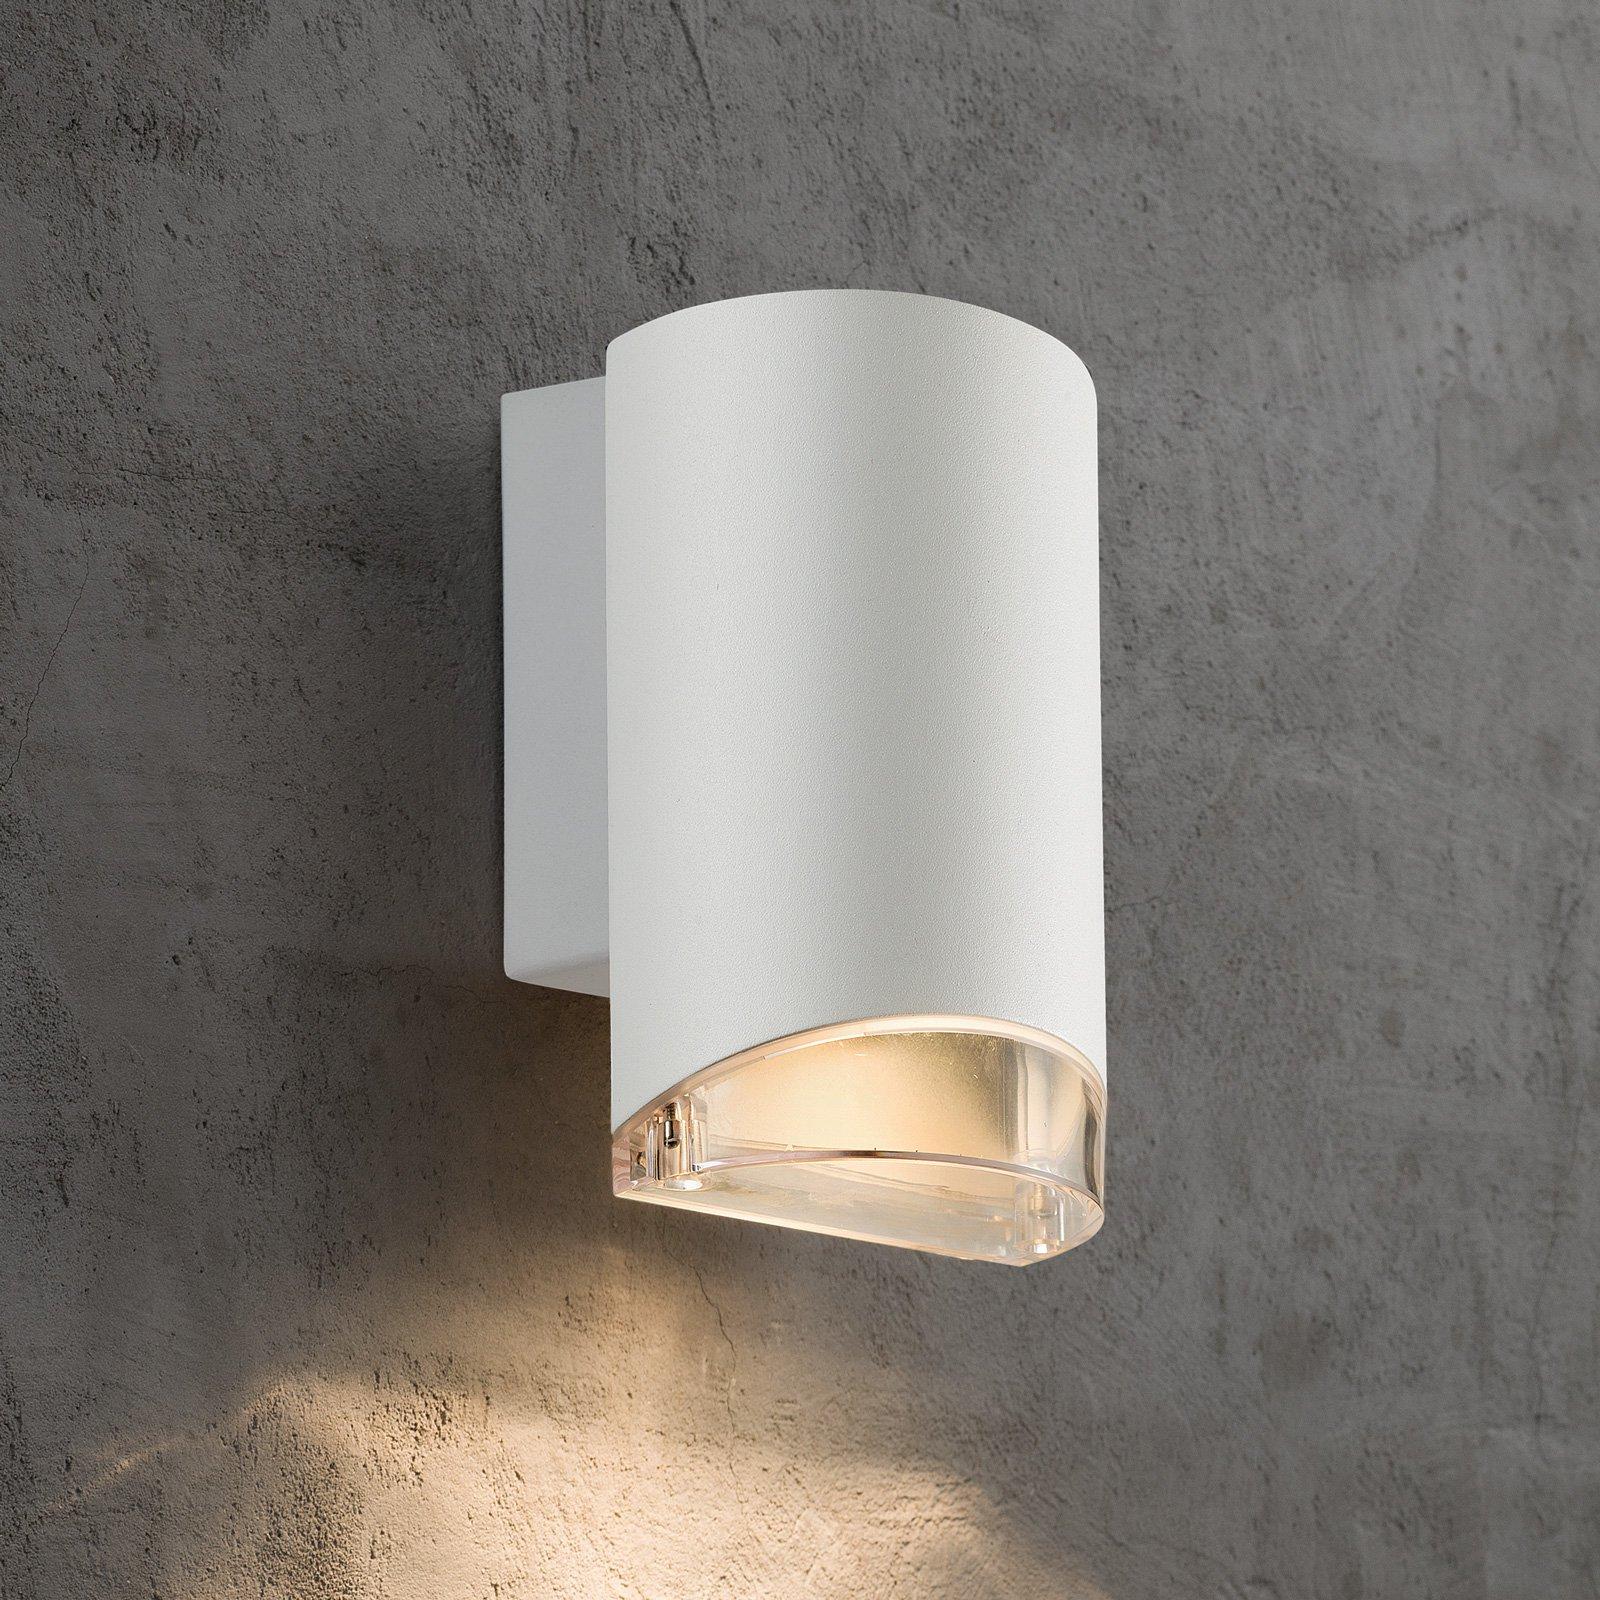 Utendørs vegglampe Arn 1 lyskilde, hvit